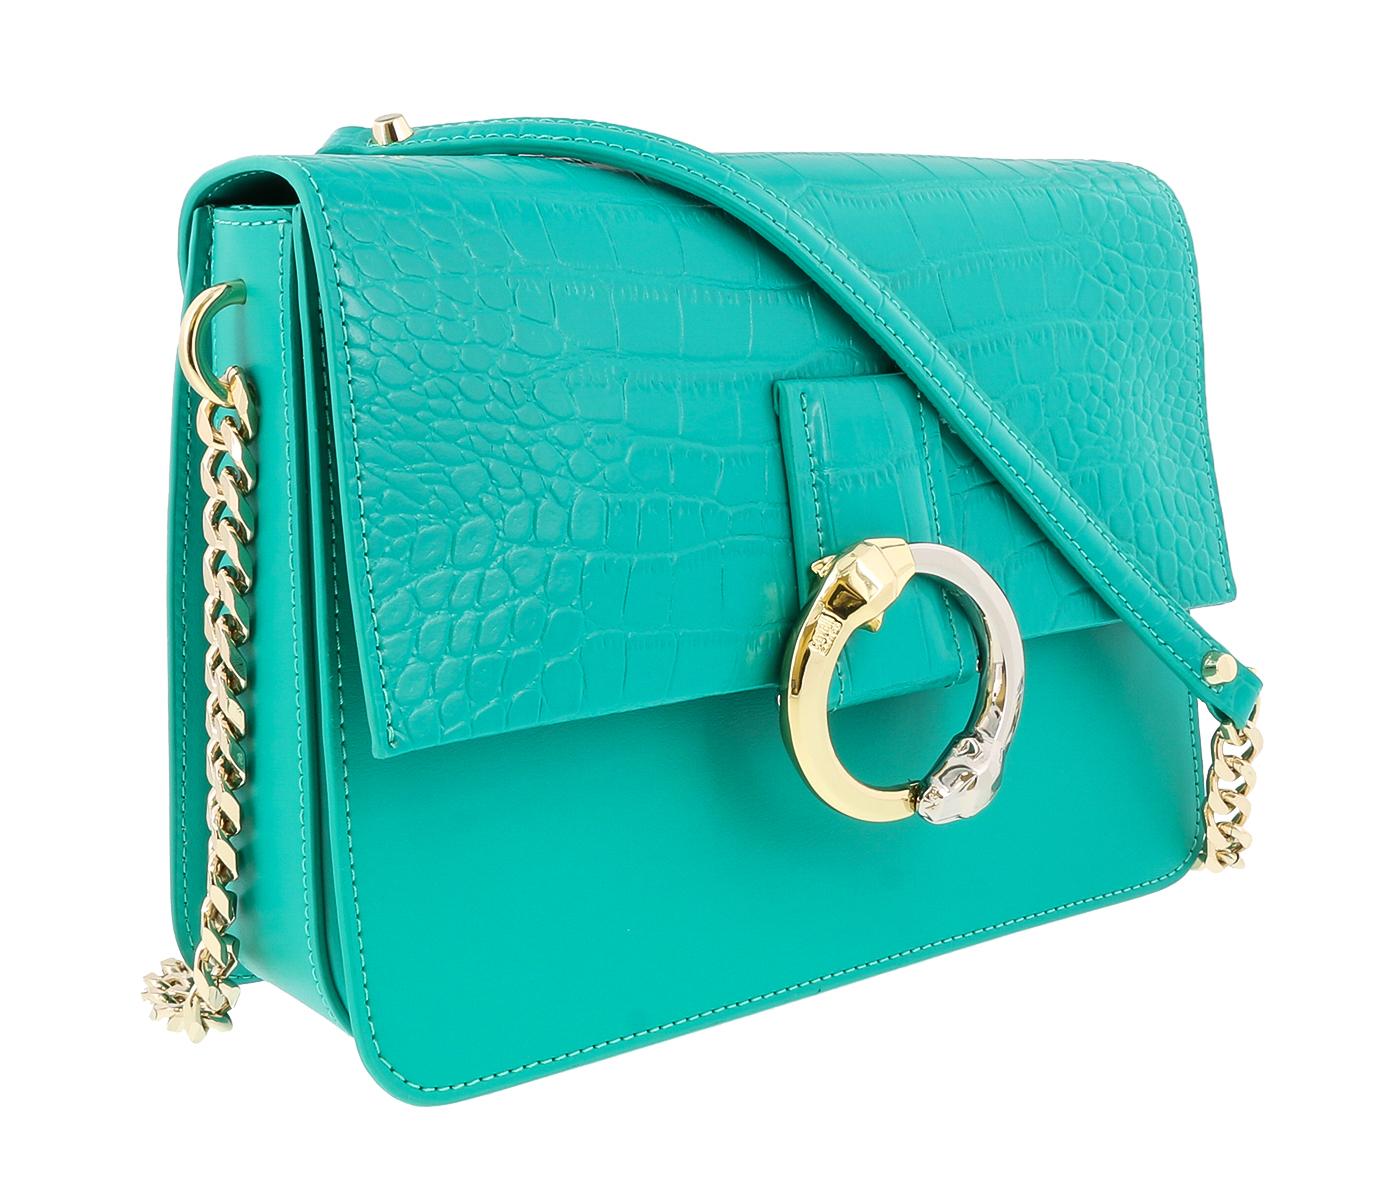 Class Roberto Cavalli Paris 002 Green Medium Shoulder Bag